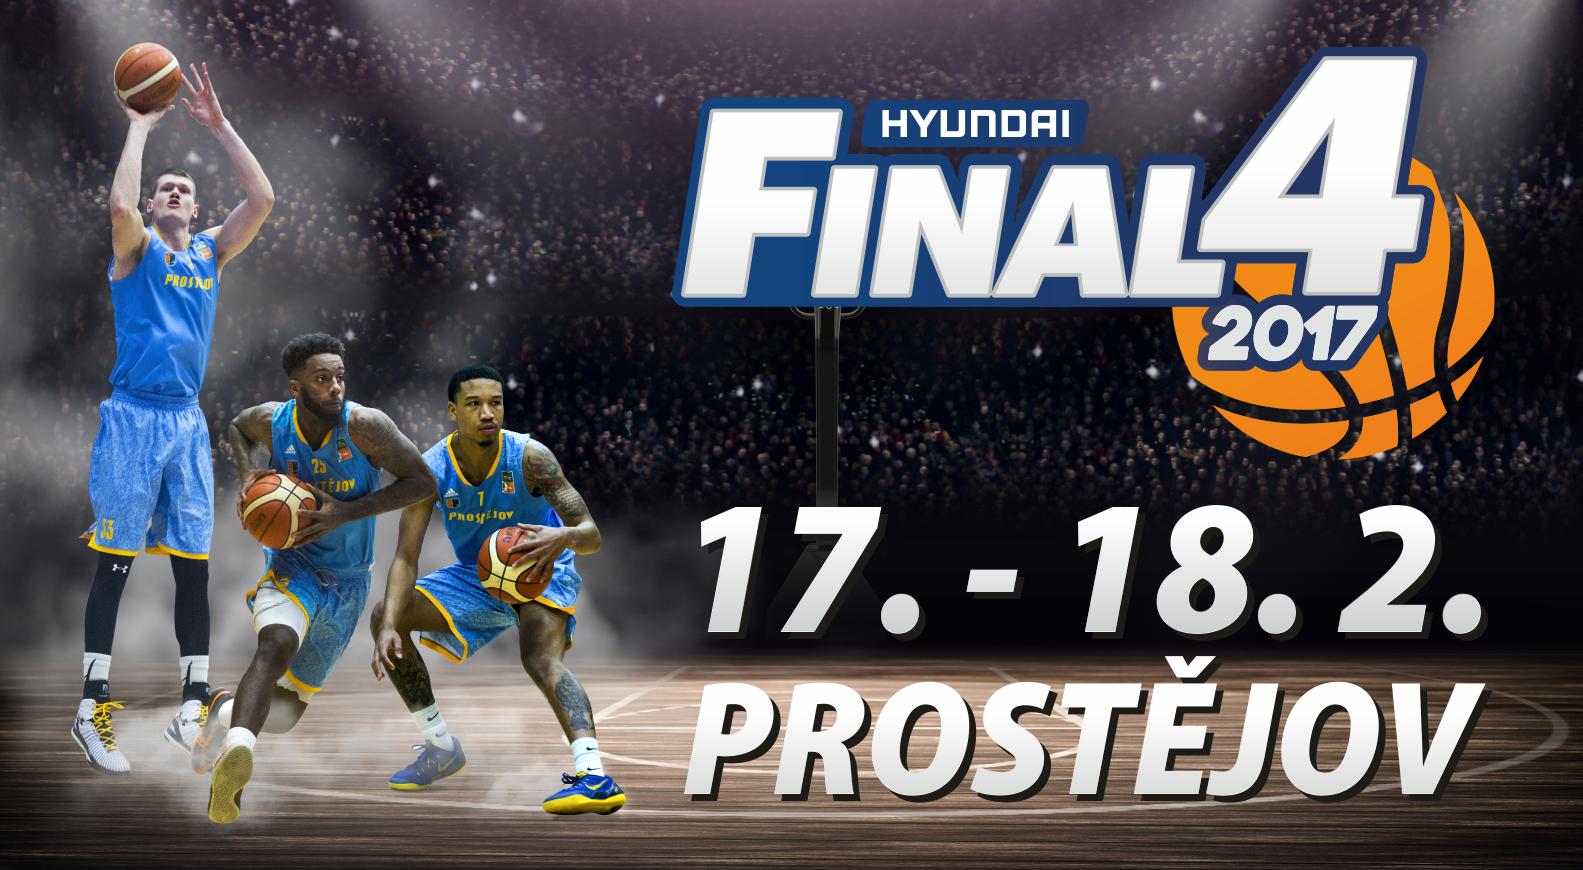 Hyundai Final4